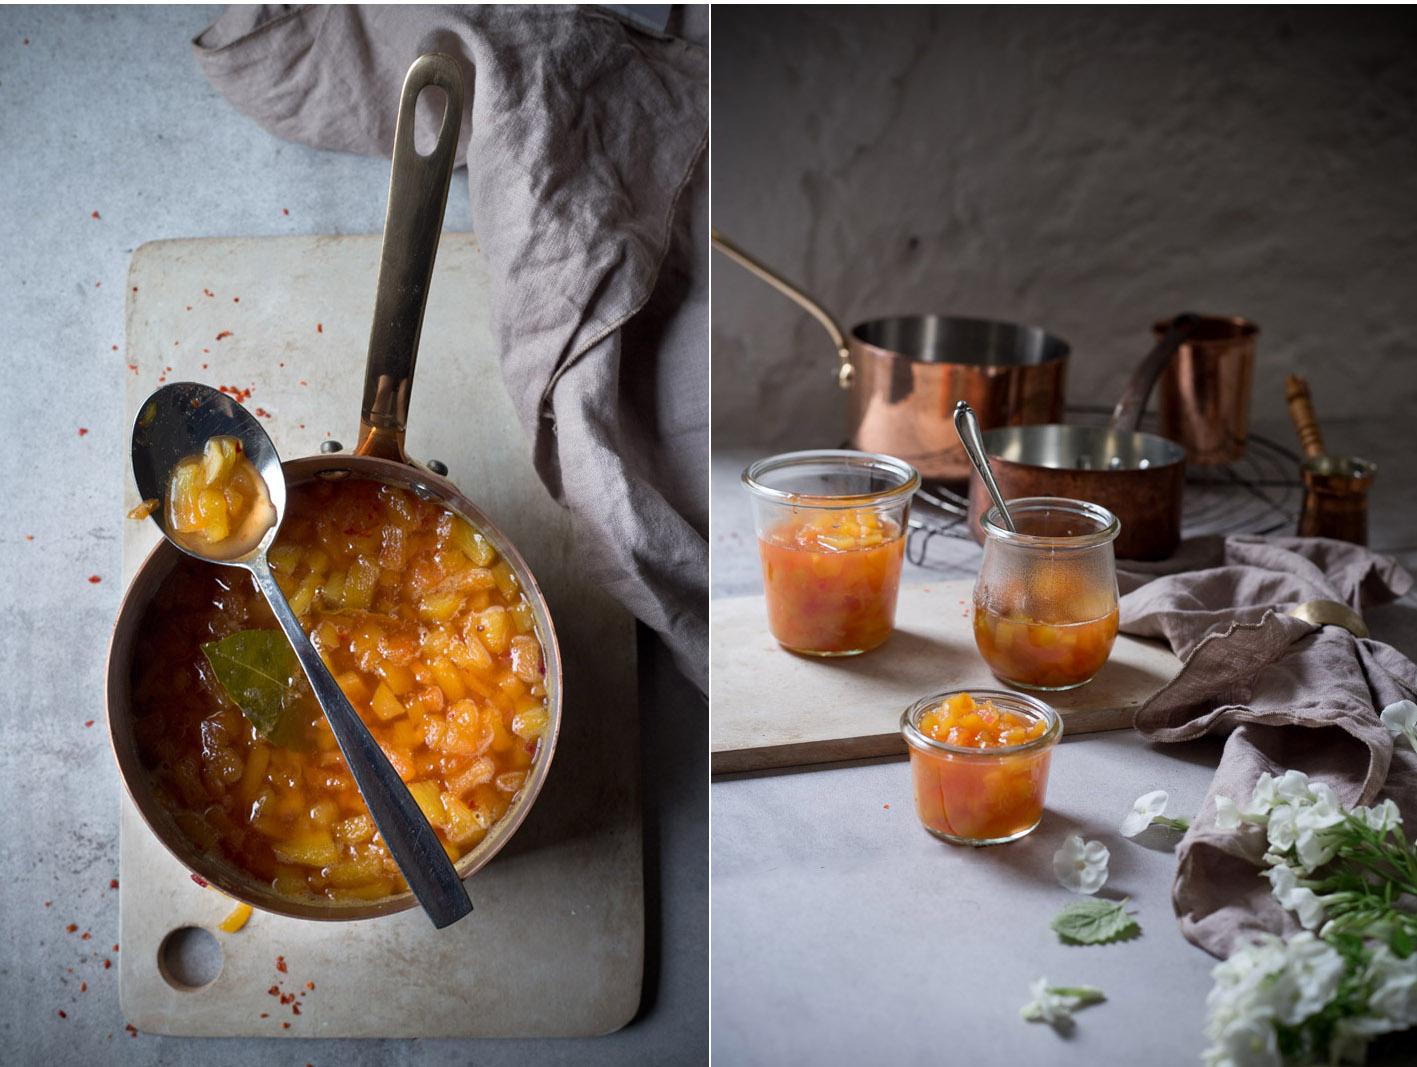 pfirsich chutney einkochen